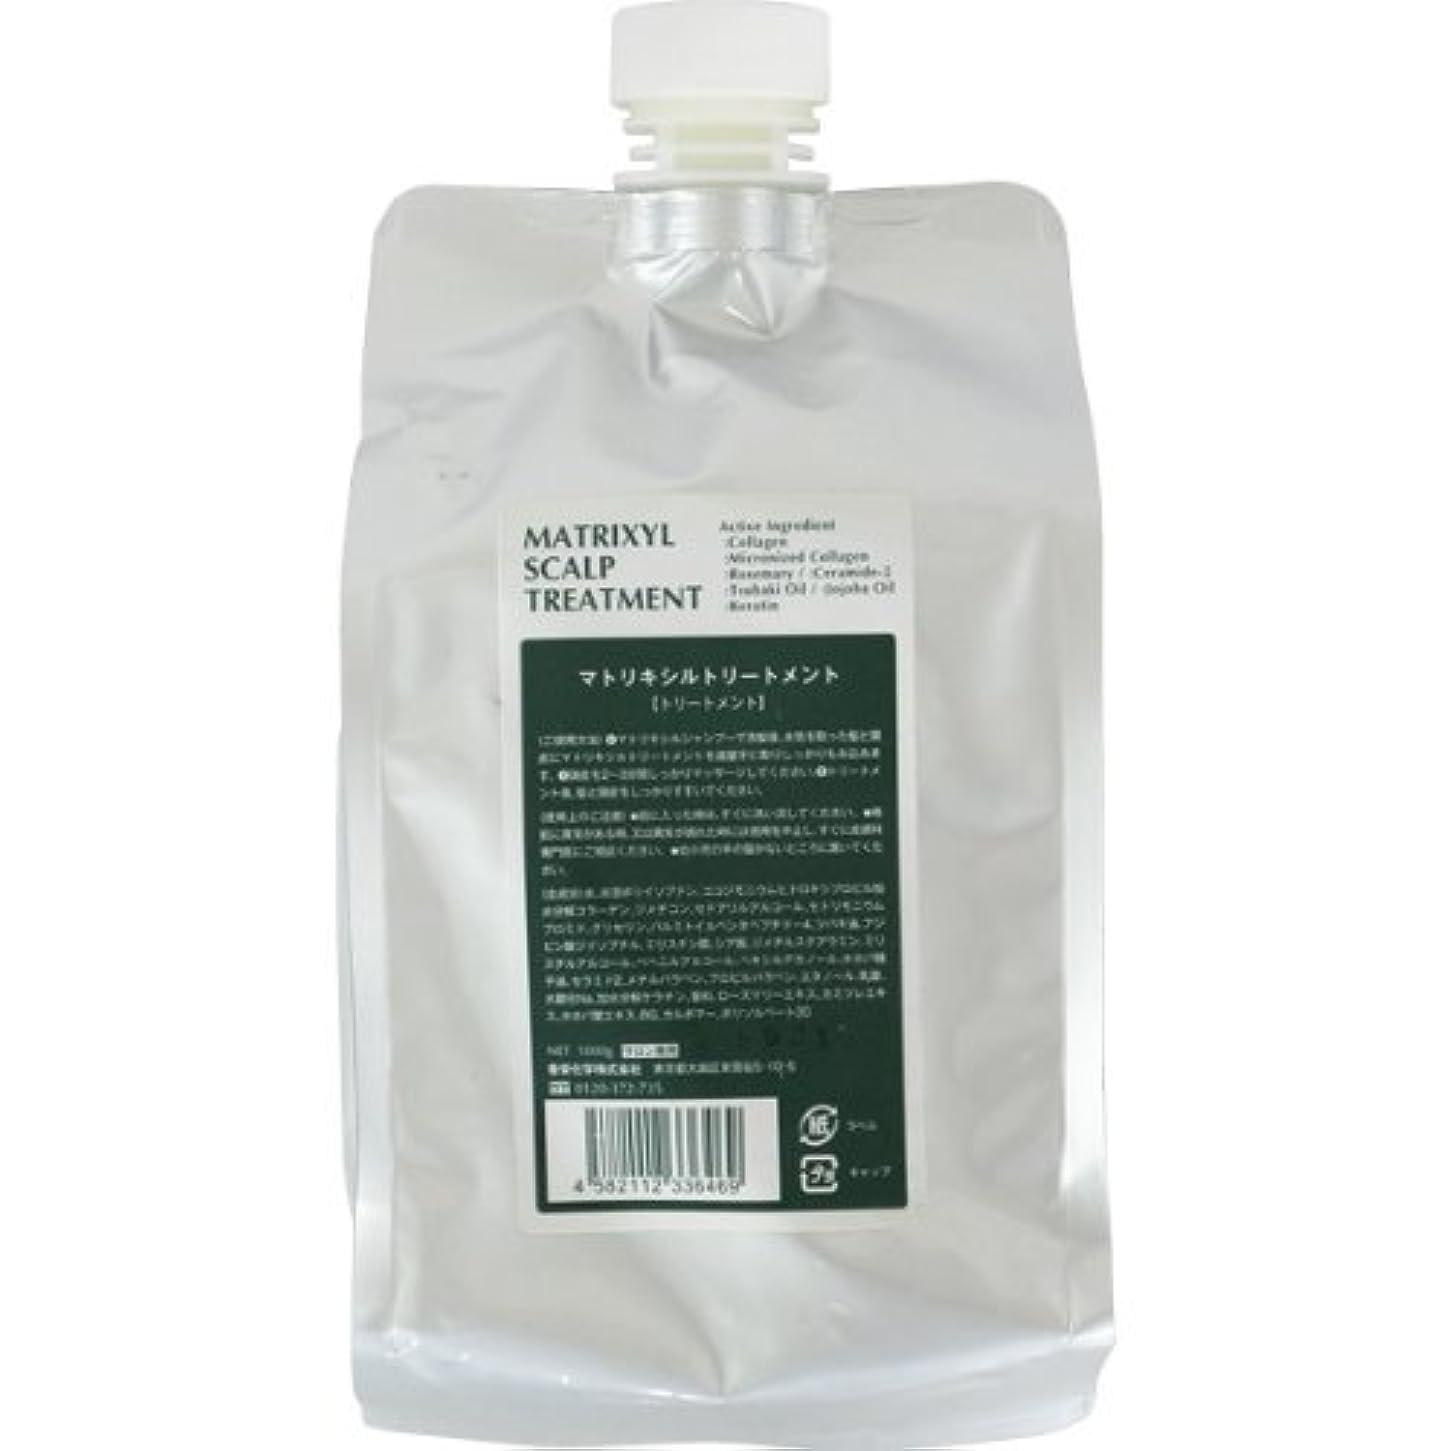 フェデレーション提供するつなぐ香栄化学 マトリキシル スキャルプトリートメント レフィル 1000g